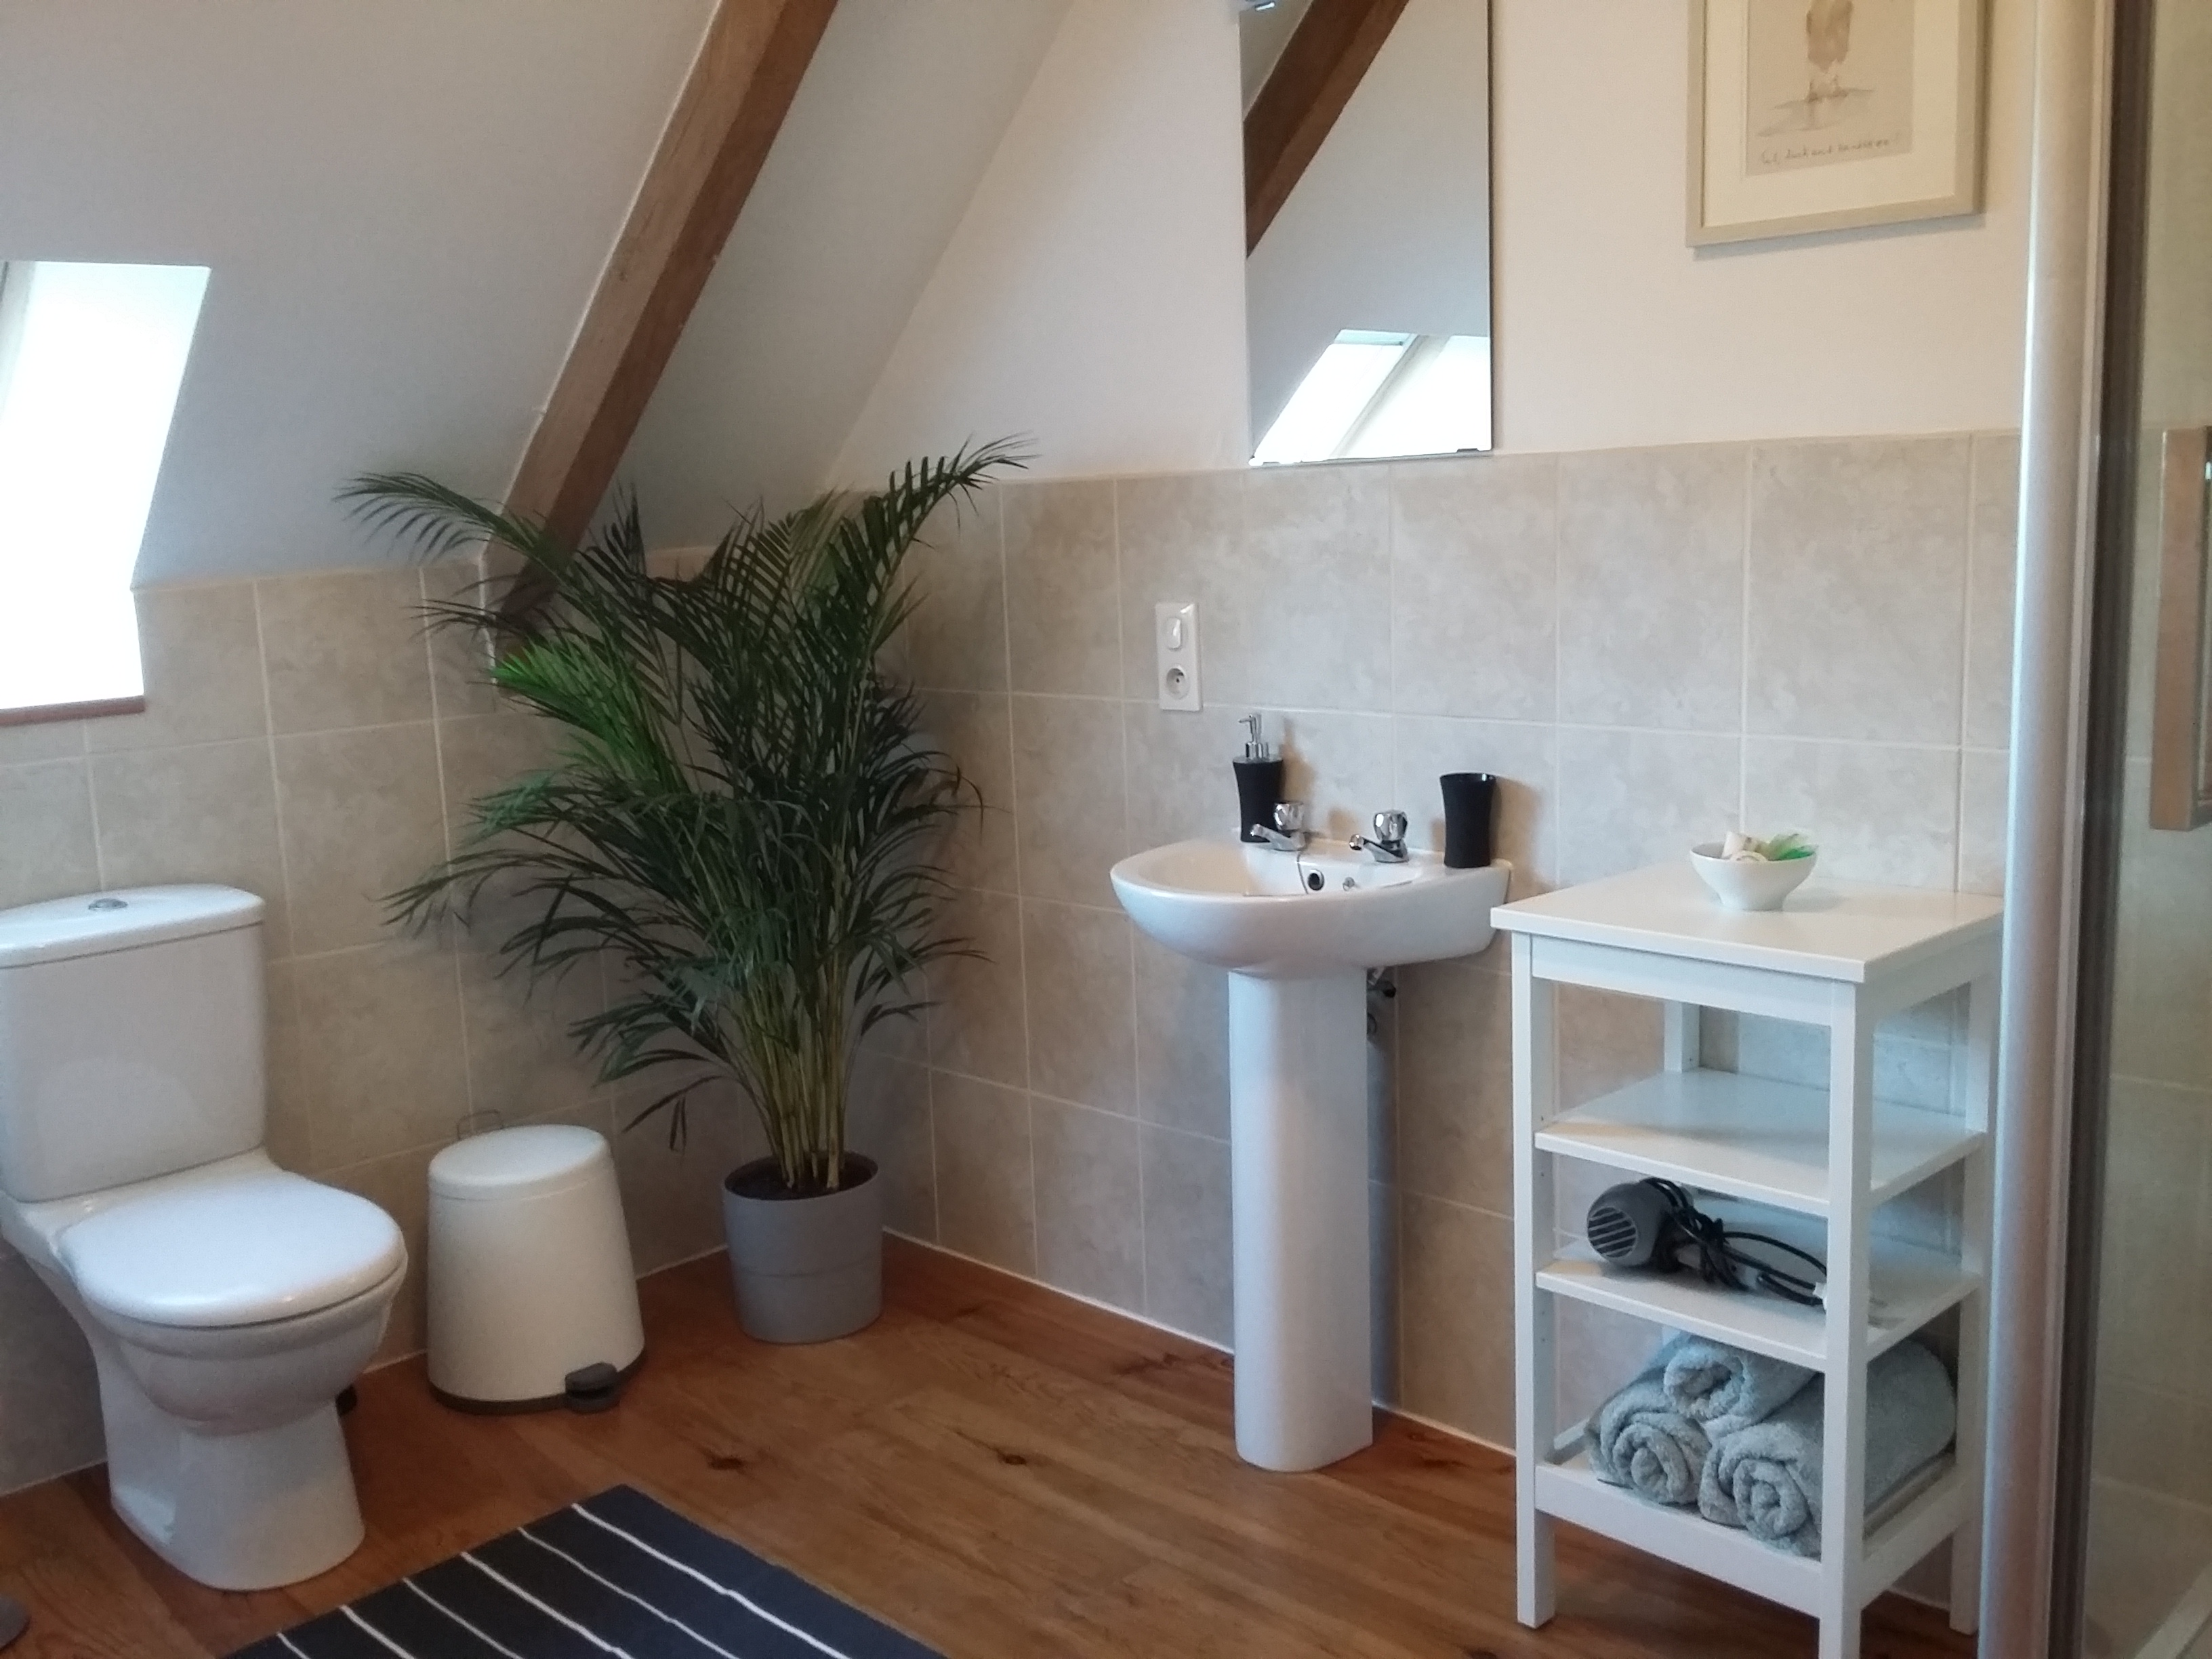 salle de bain - la petite grange